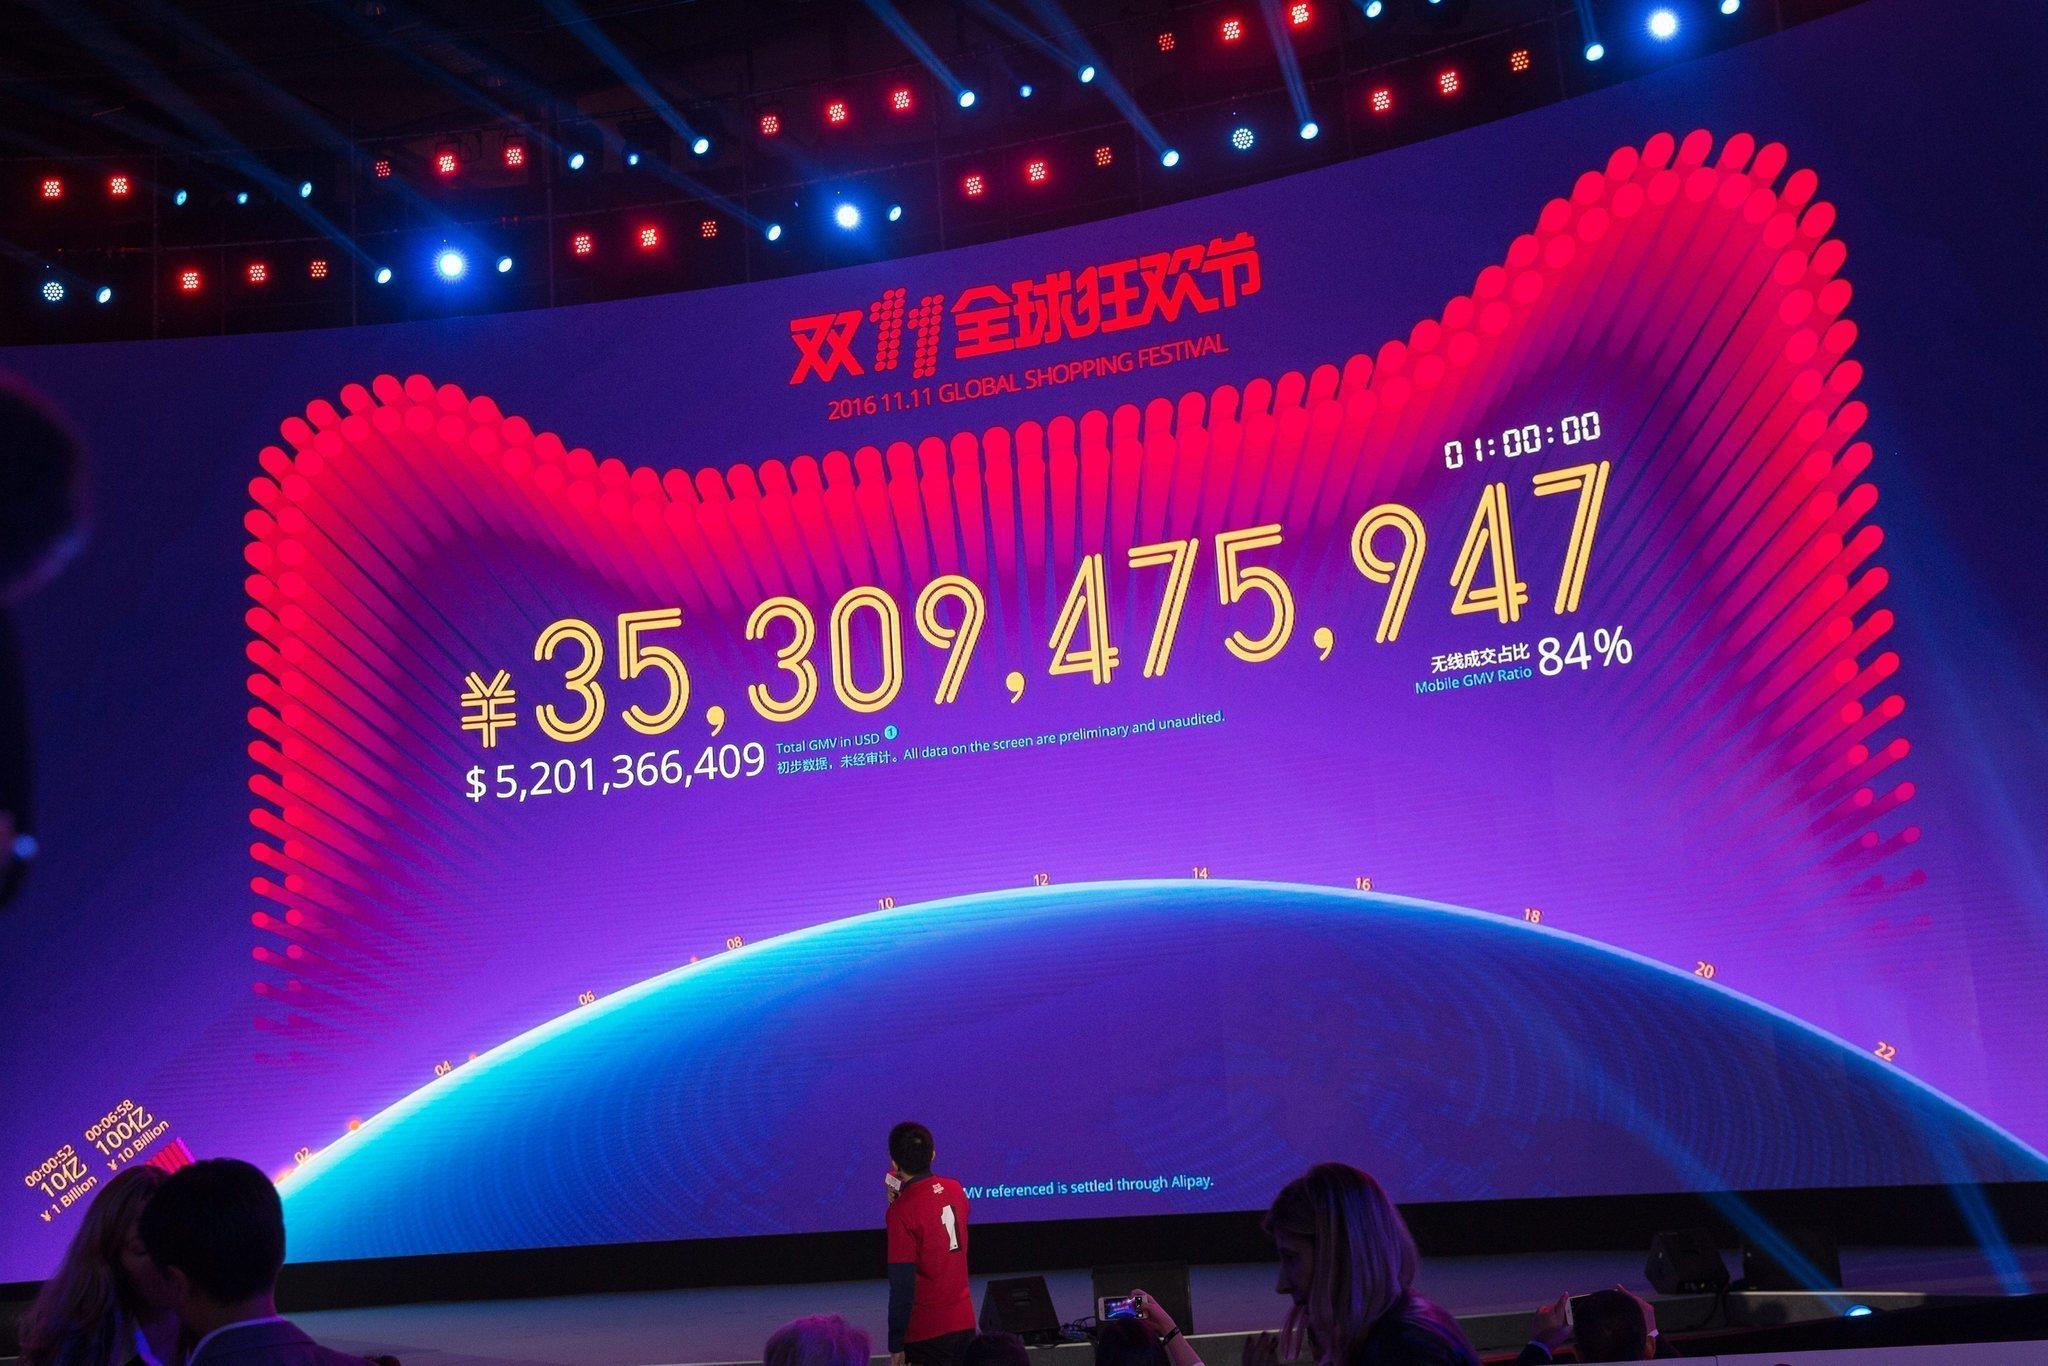 Alibaba phá vỡ kỷ lục 2016 chỉ trong 13 tiếng ngày hội Độc thân 2017